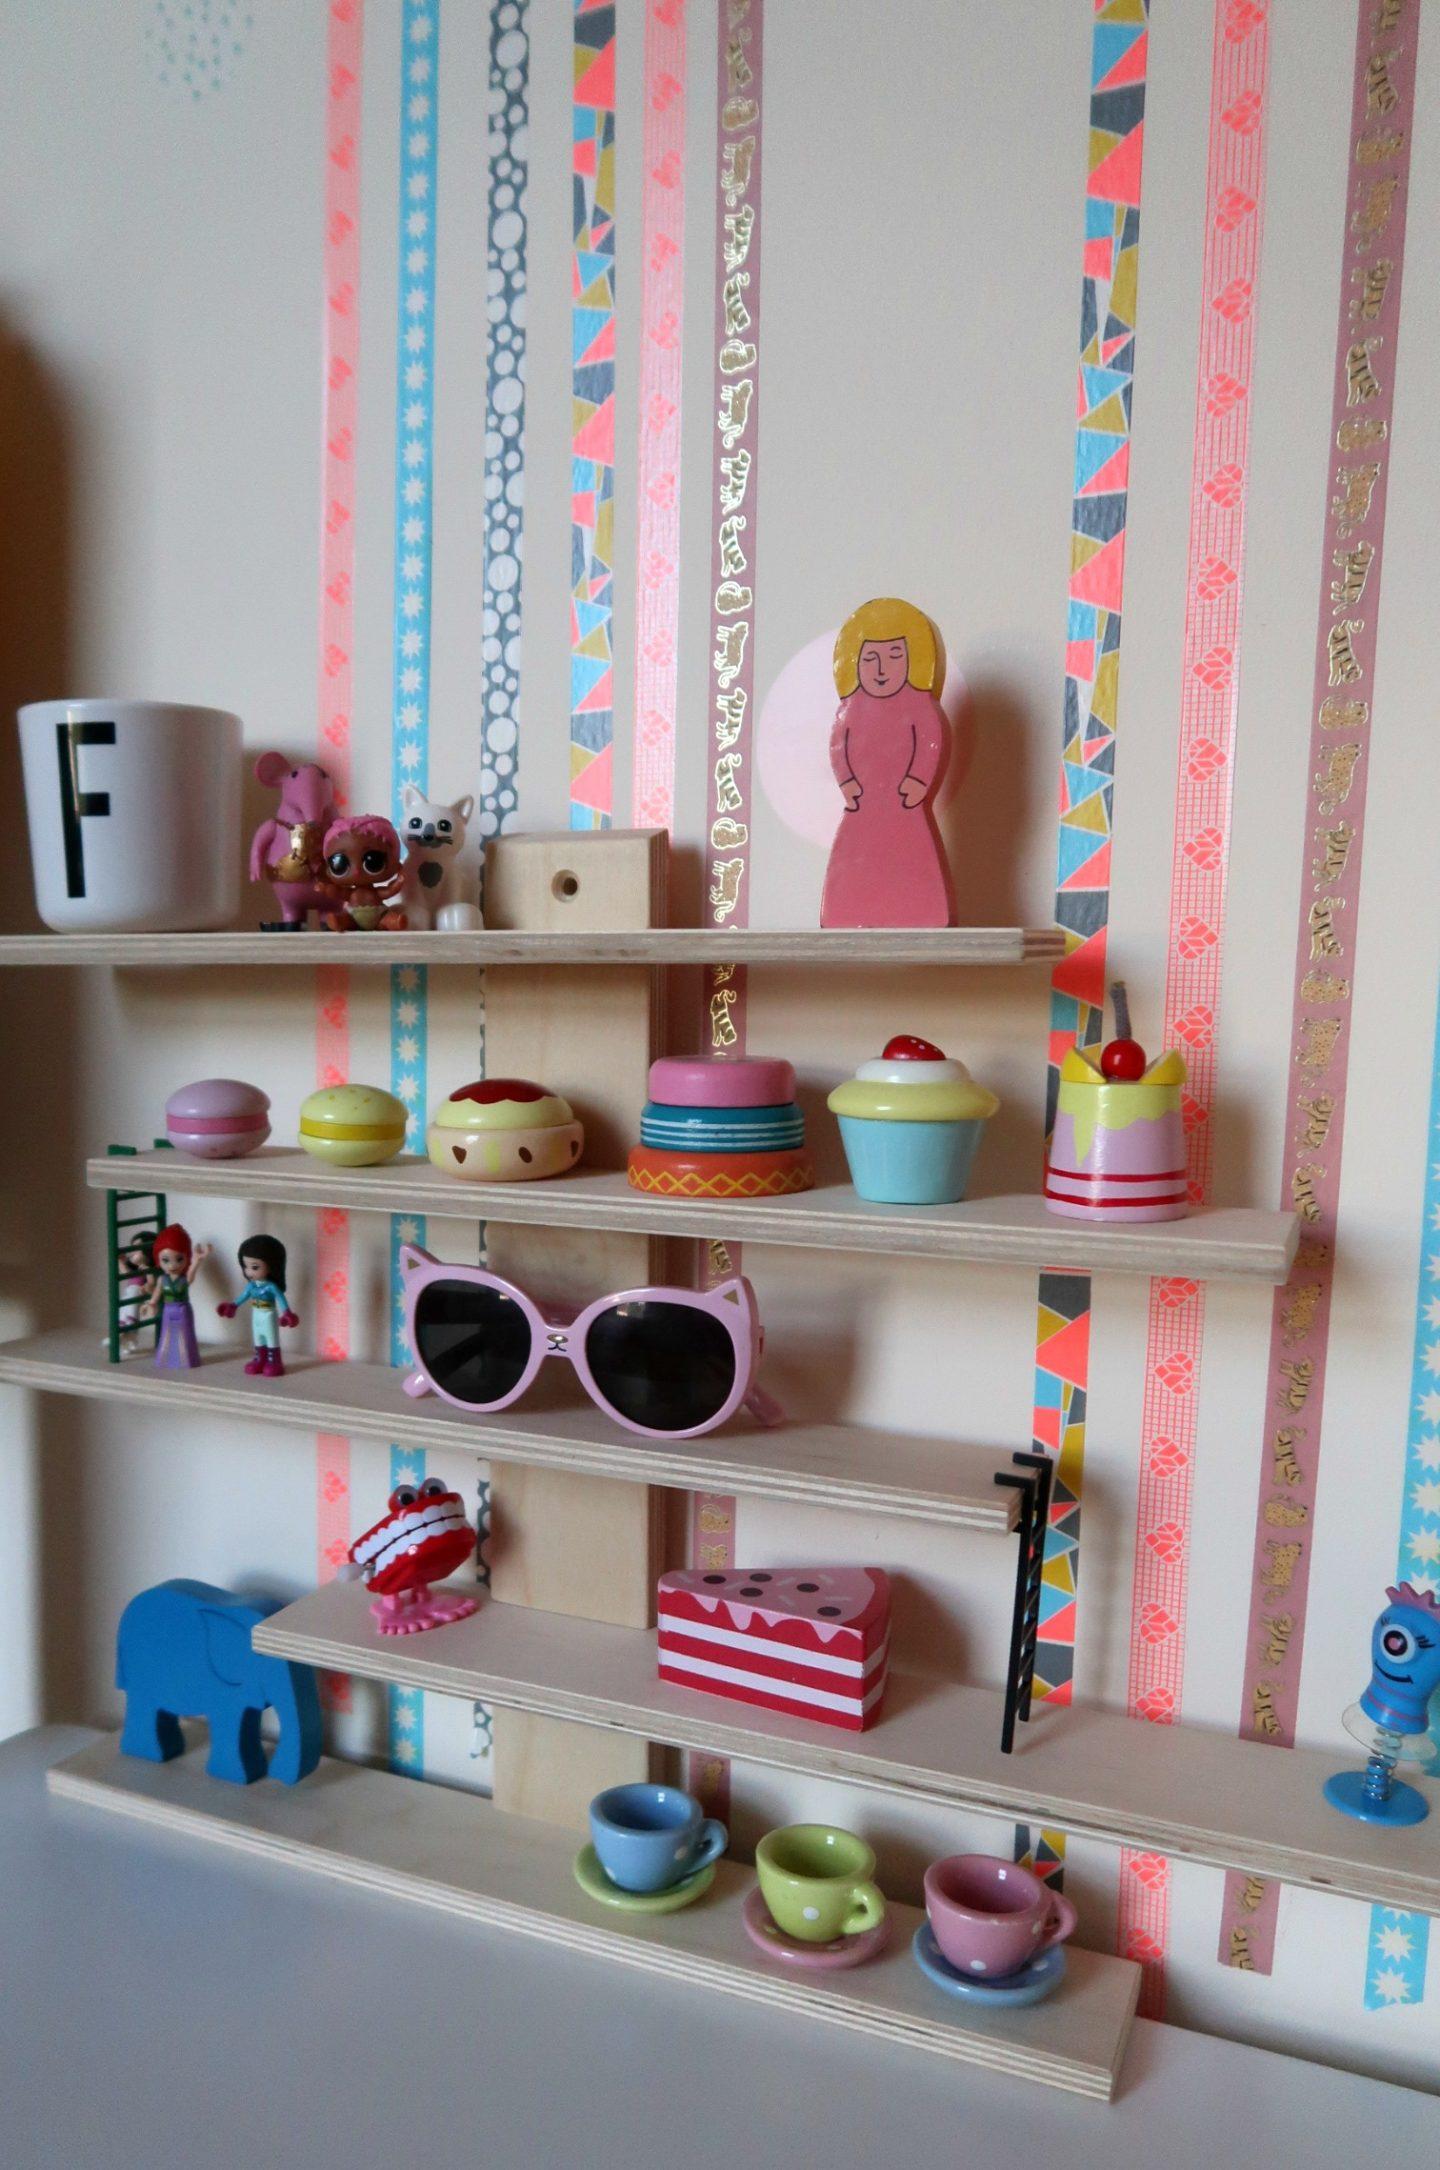 IKEA Lustigt shelves for toys